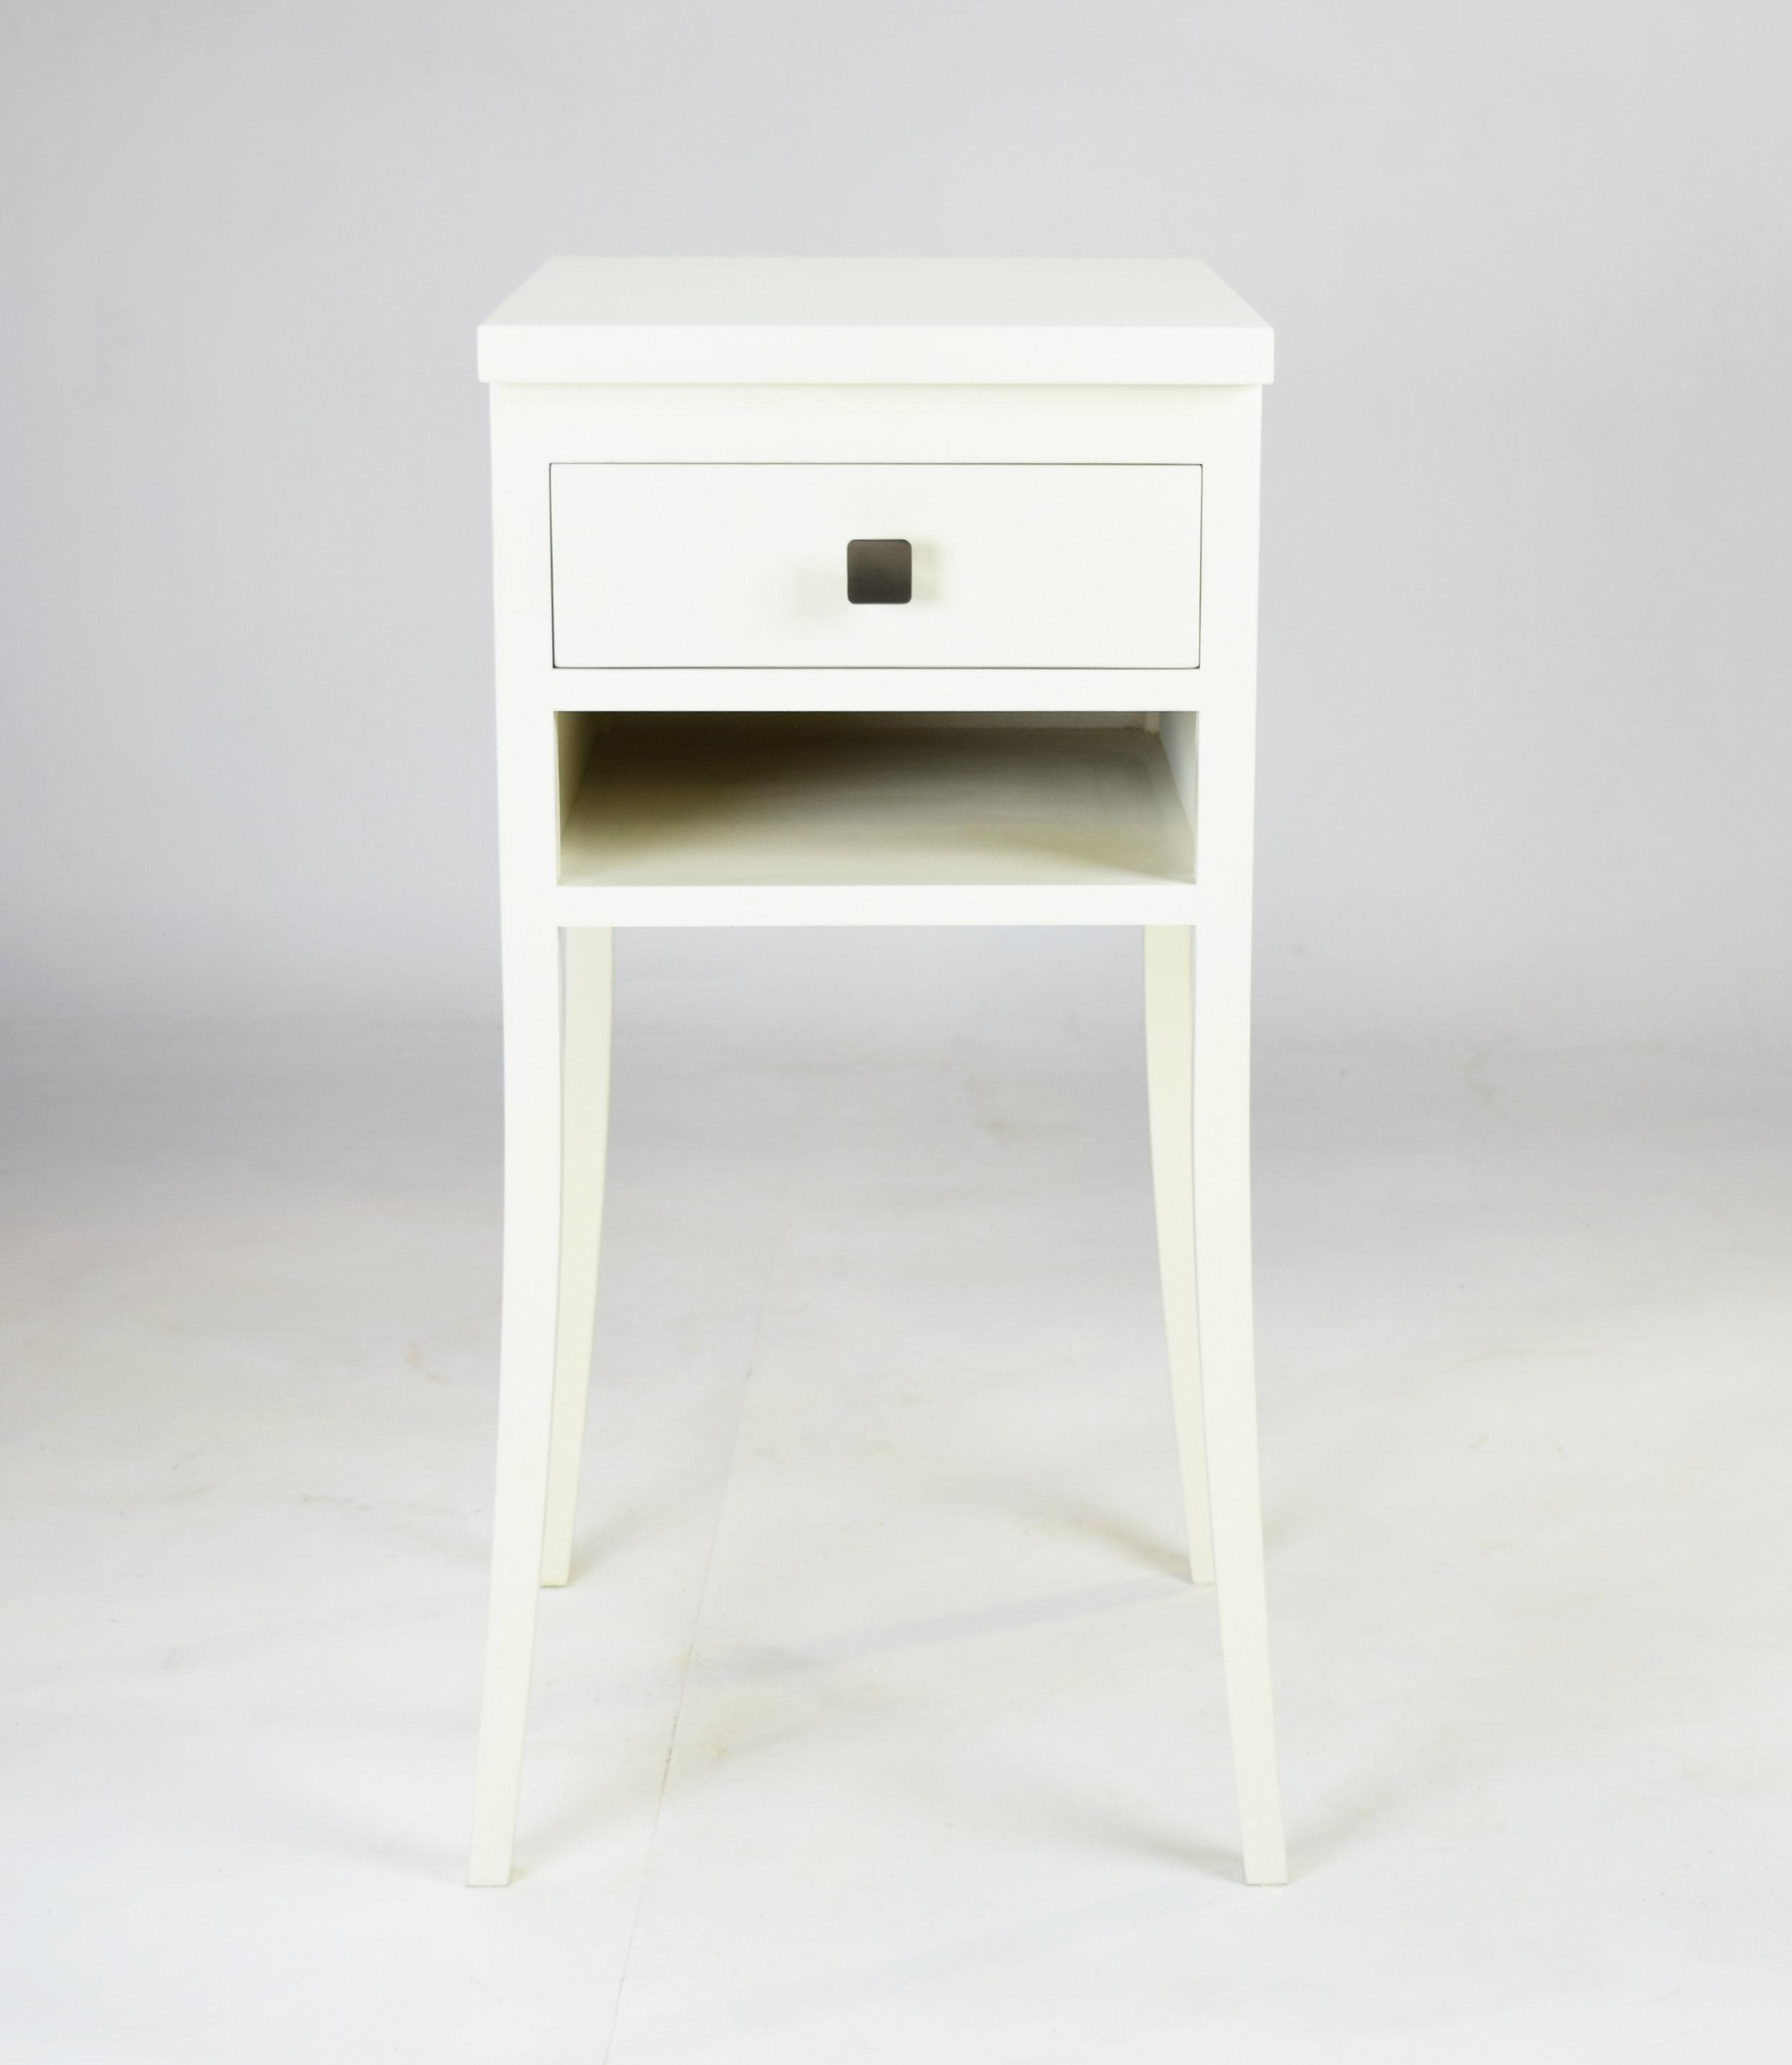 Belmar nightstand - front - pm.jpg